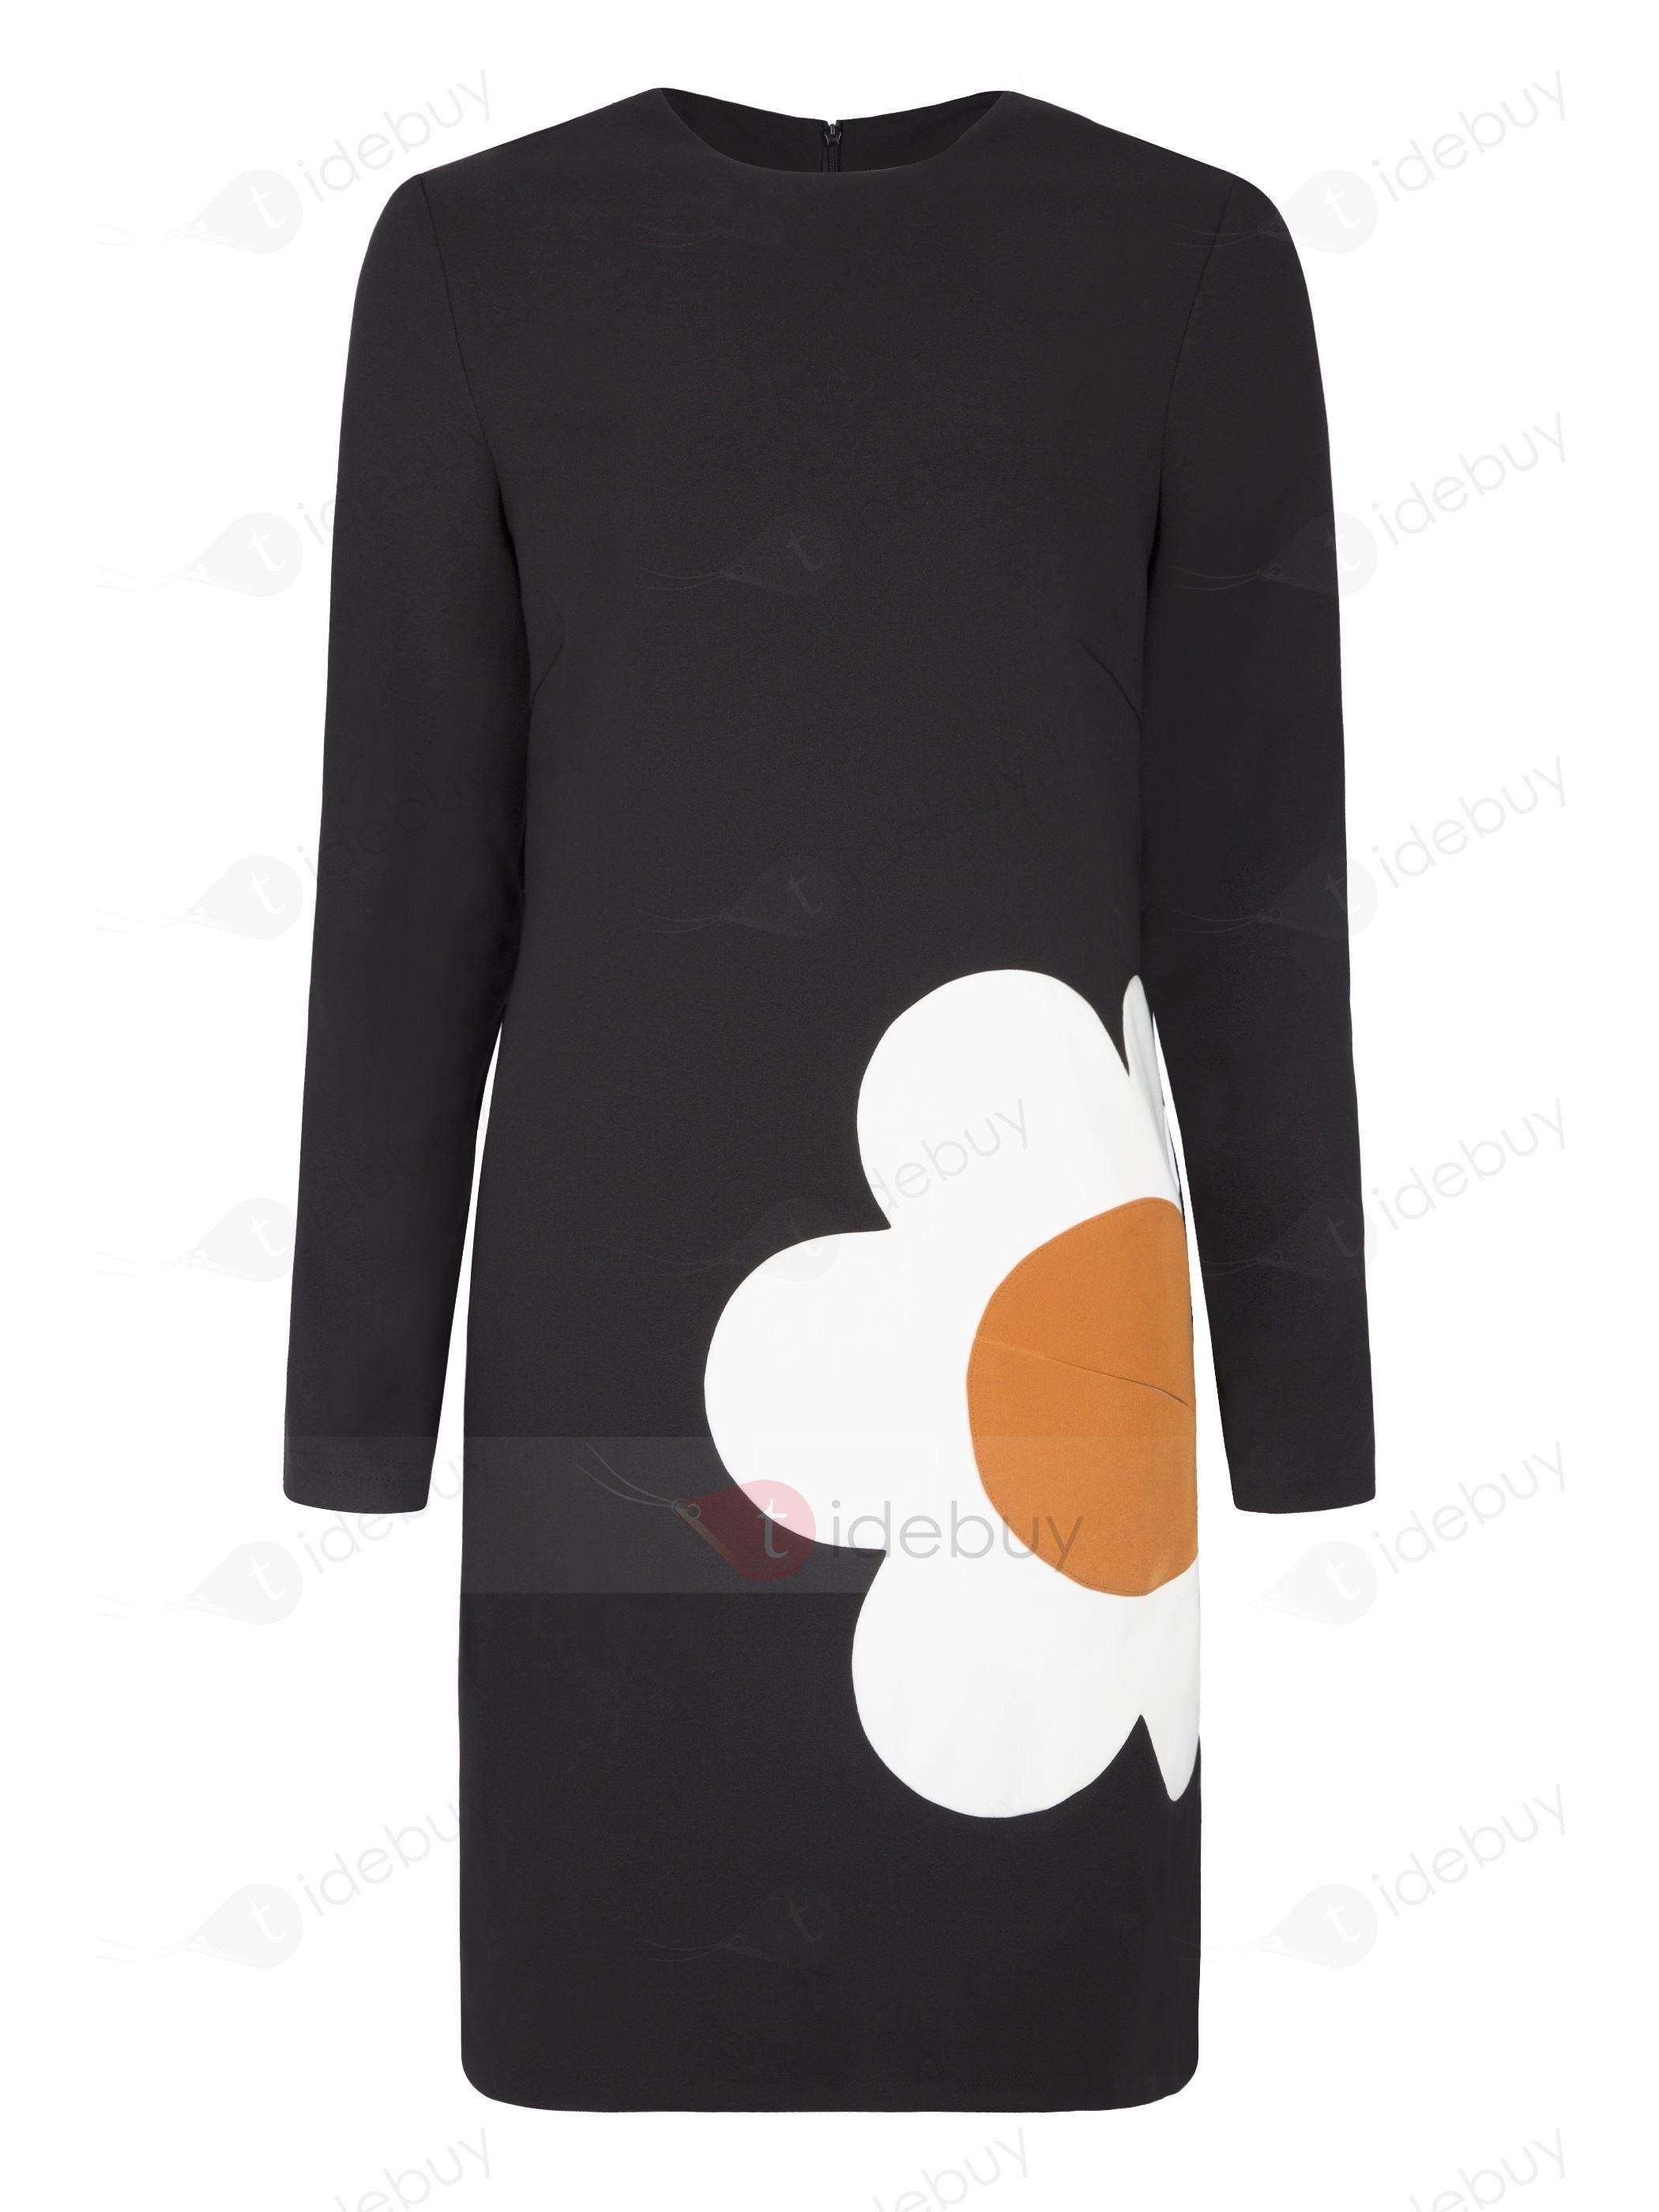 Formal Ausgezeichnet Kleid Schwarz Langarm Boutique15 Elegant Kleid Schwarz Langarm Spezialgebiet